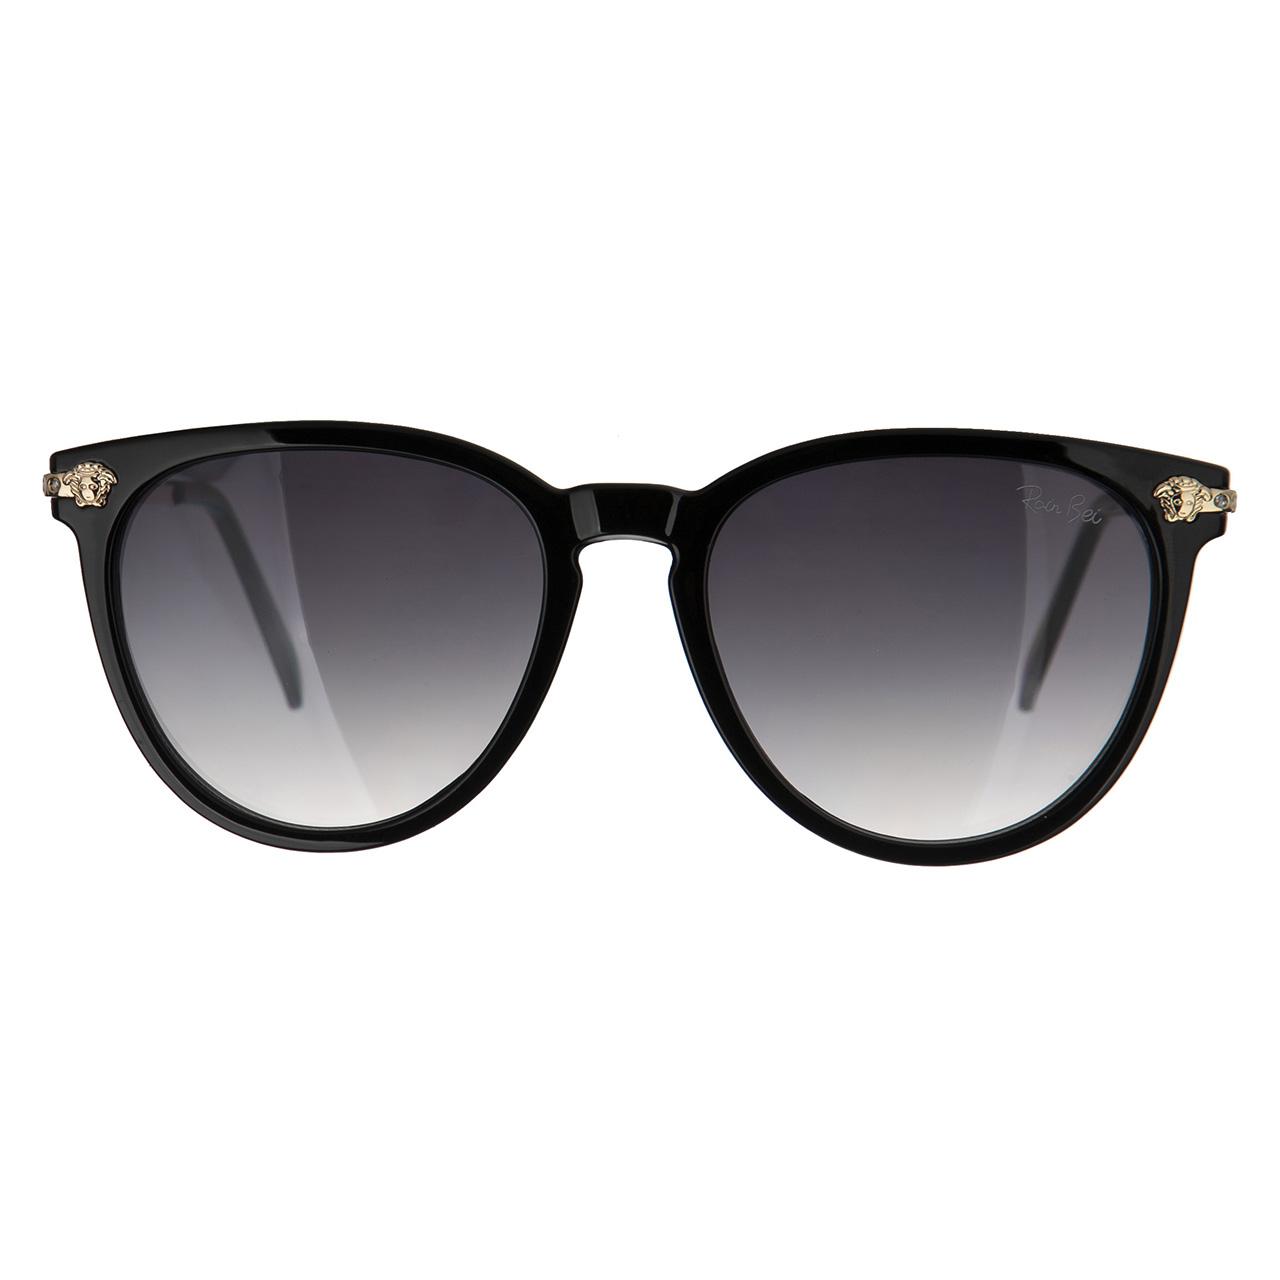 عینک آفتابی زنانه رین بی مدل 6564